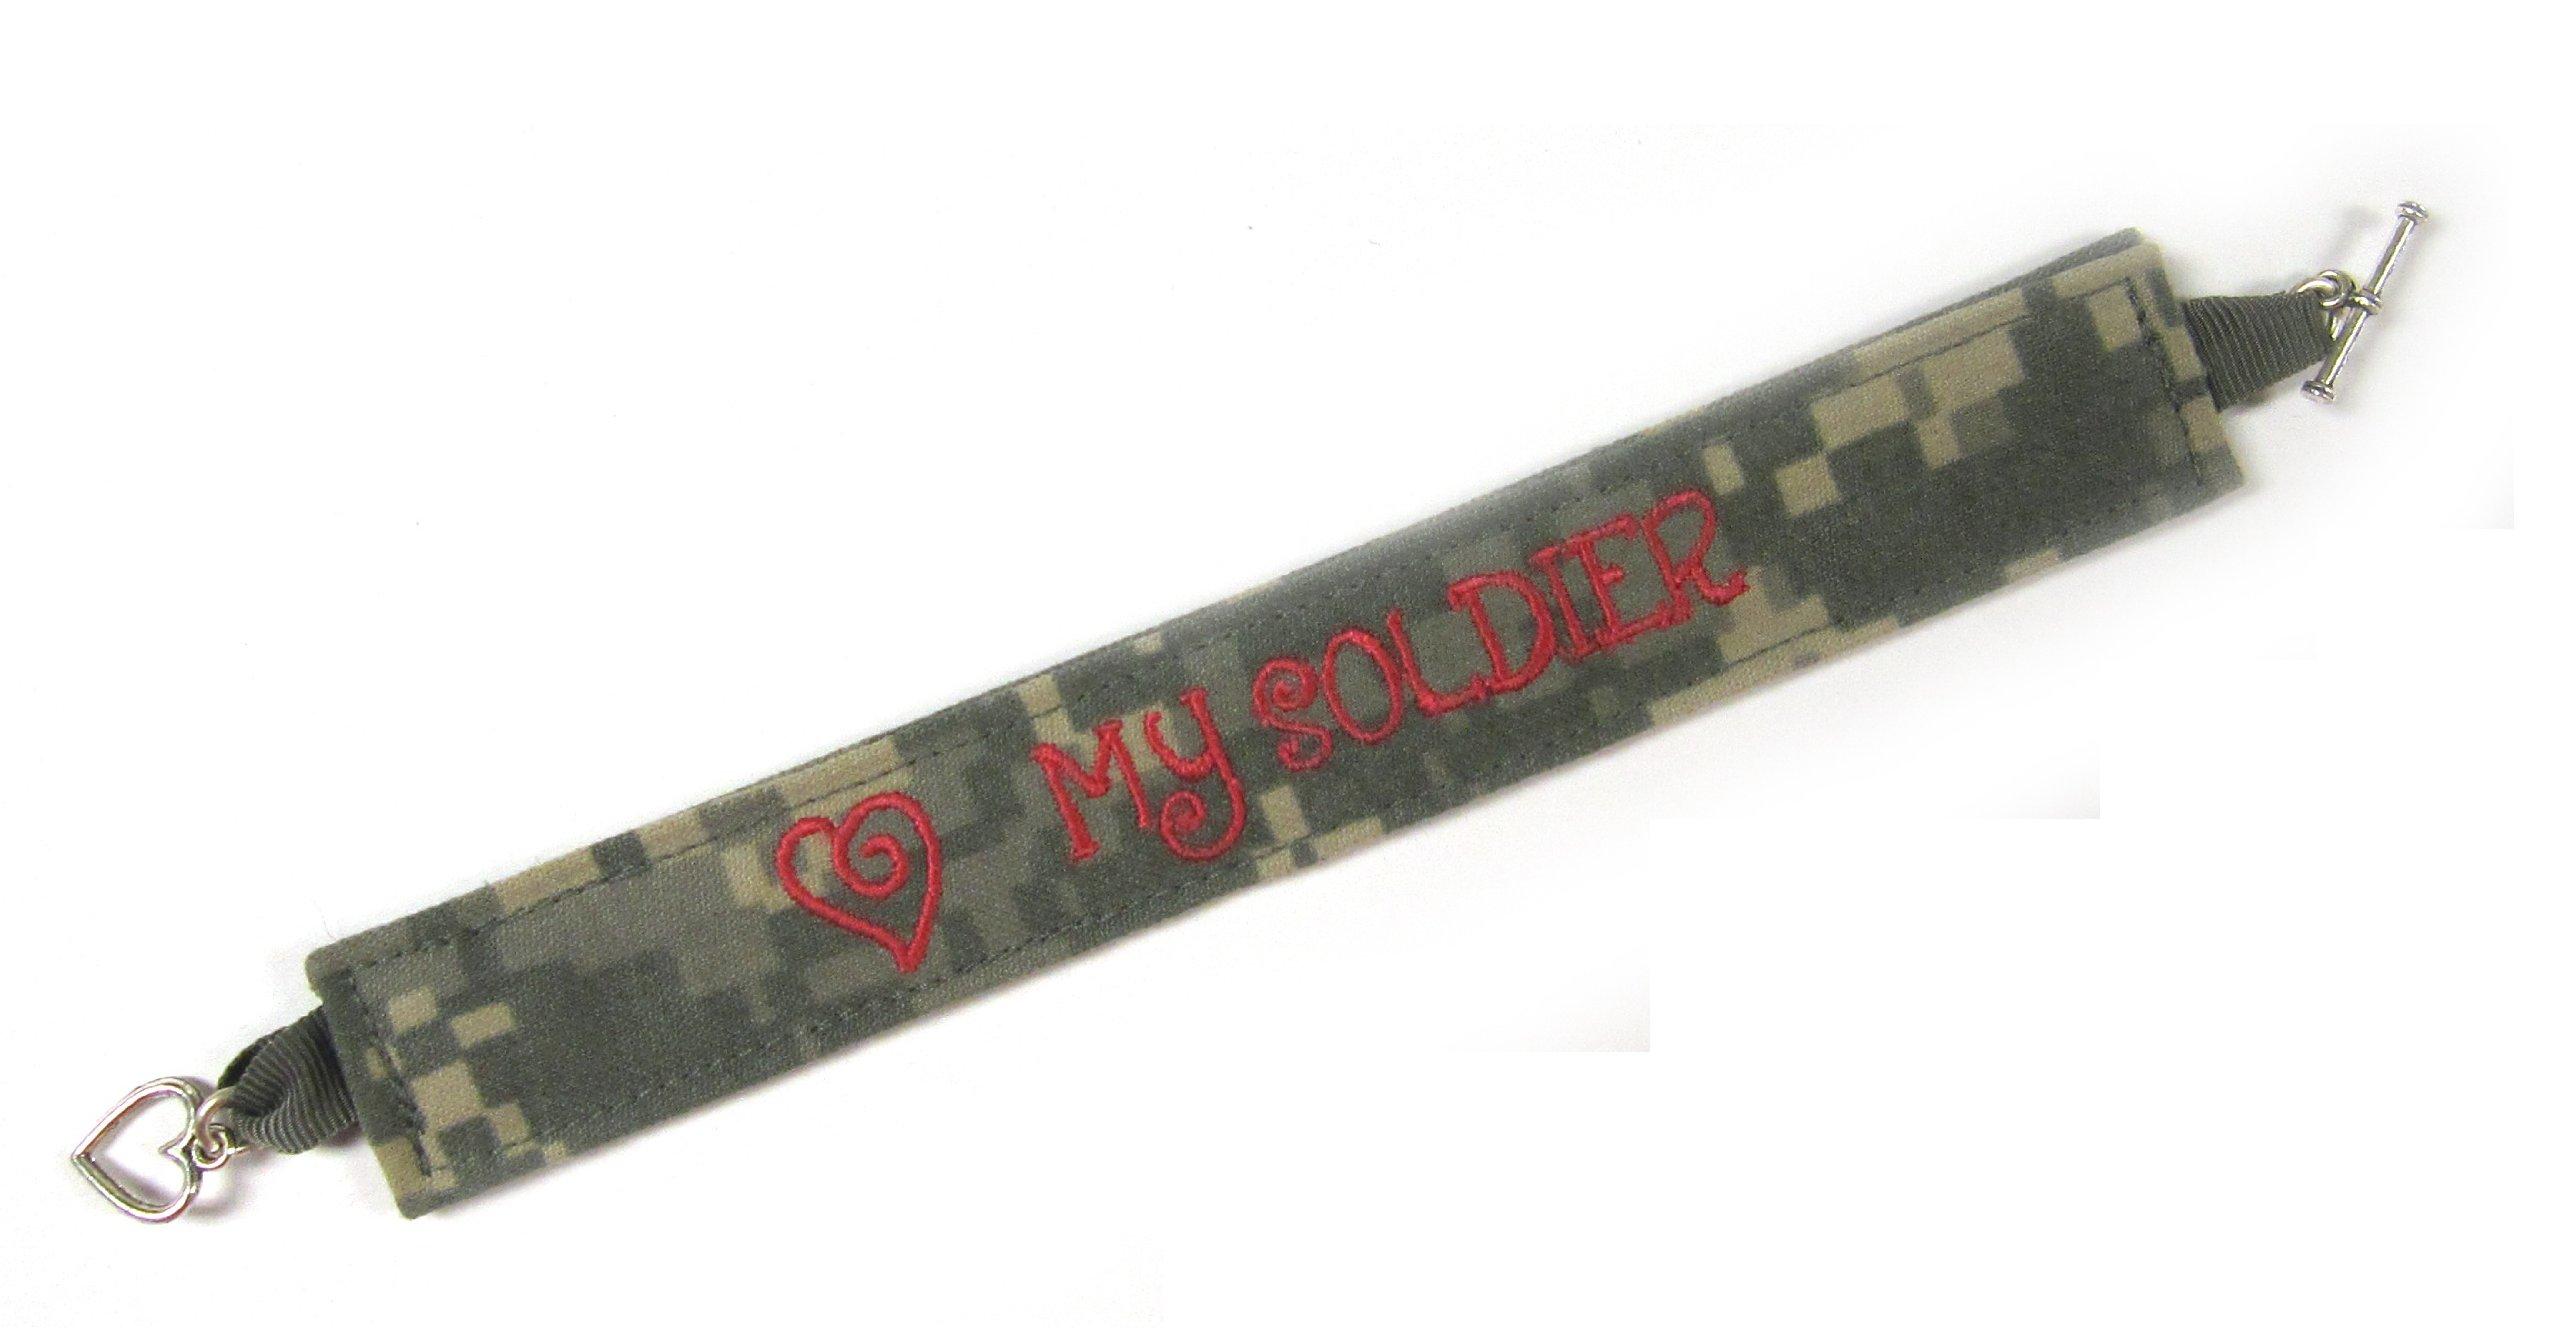 U.S. Army Name Tape Military Bracelet, Army Camo Bracelet, Army Jewelry, Army Gifts